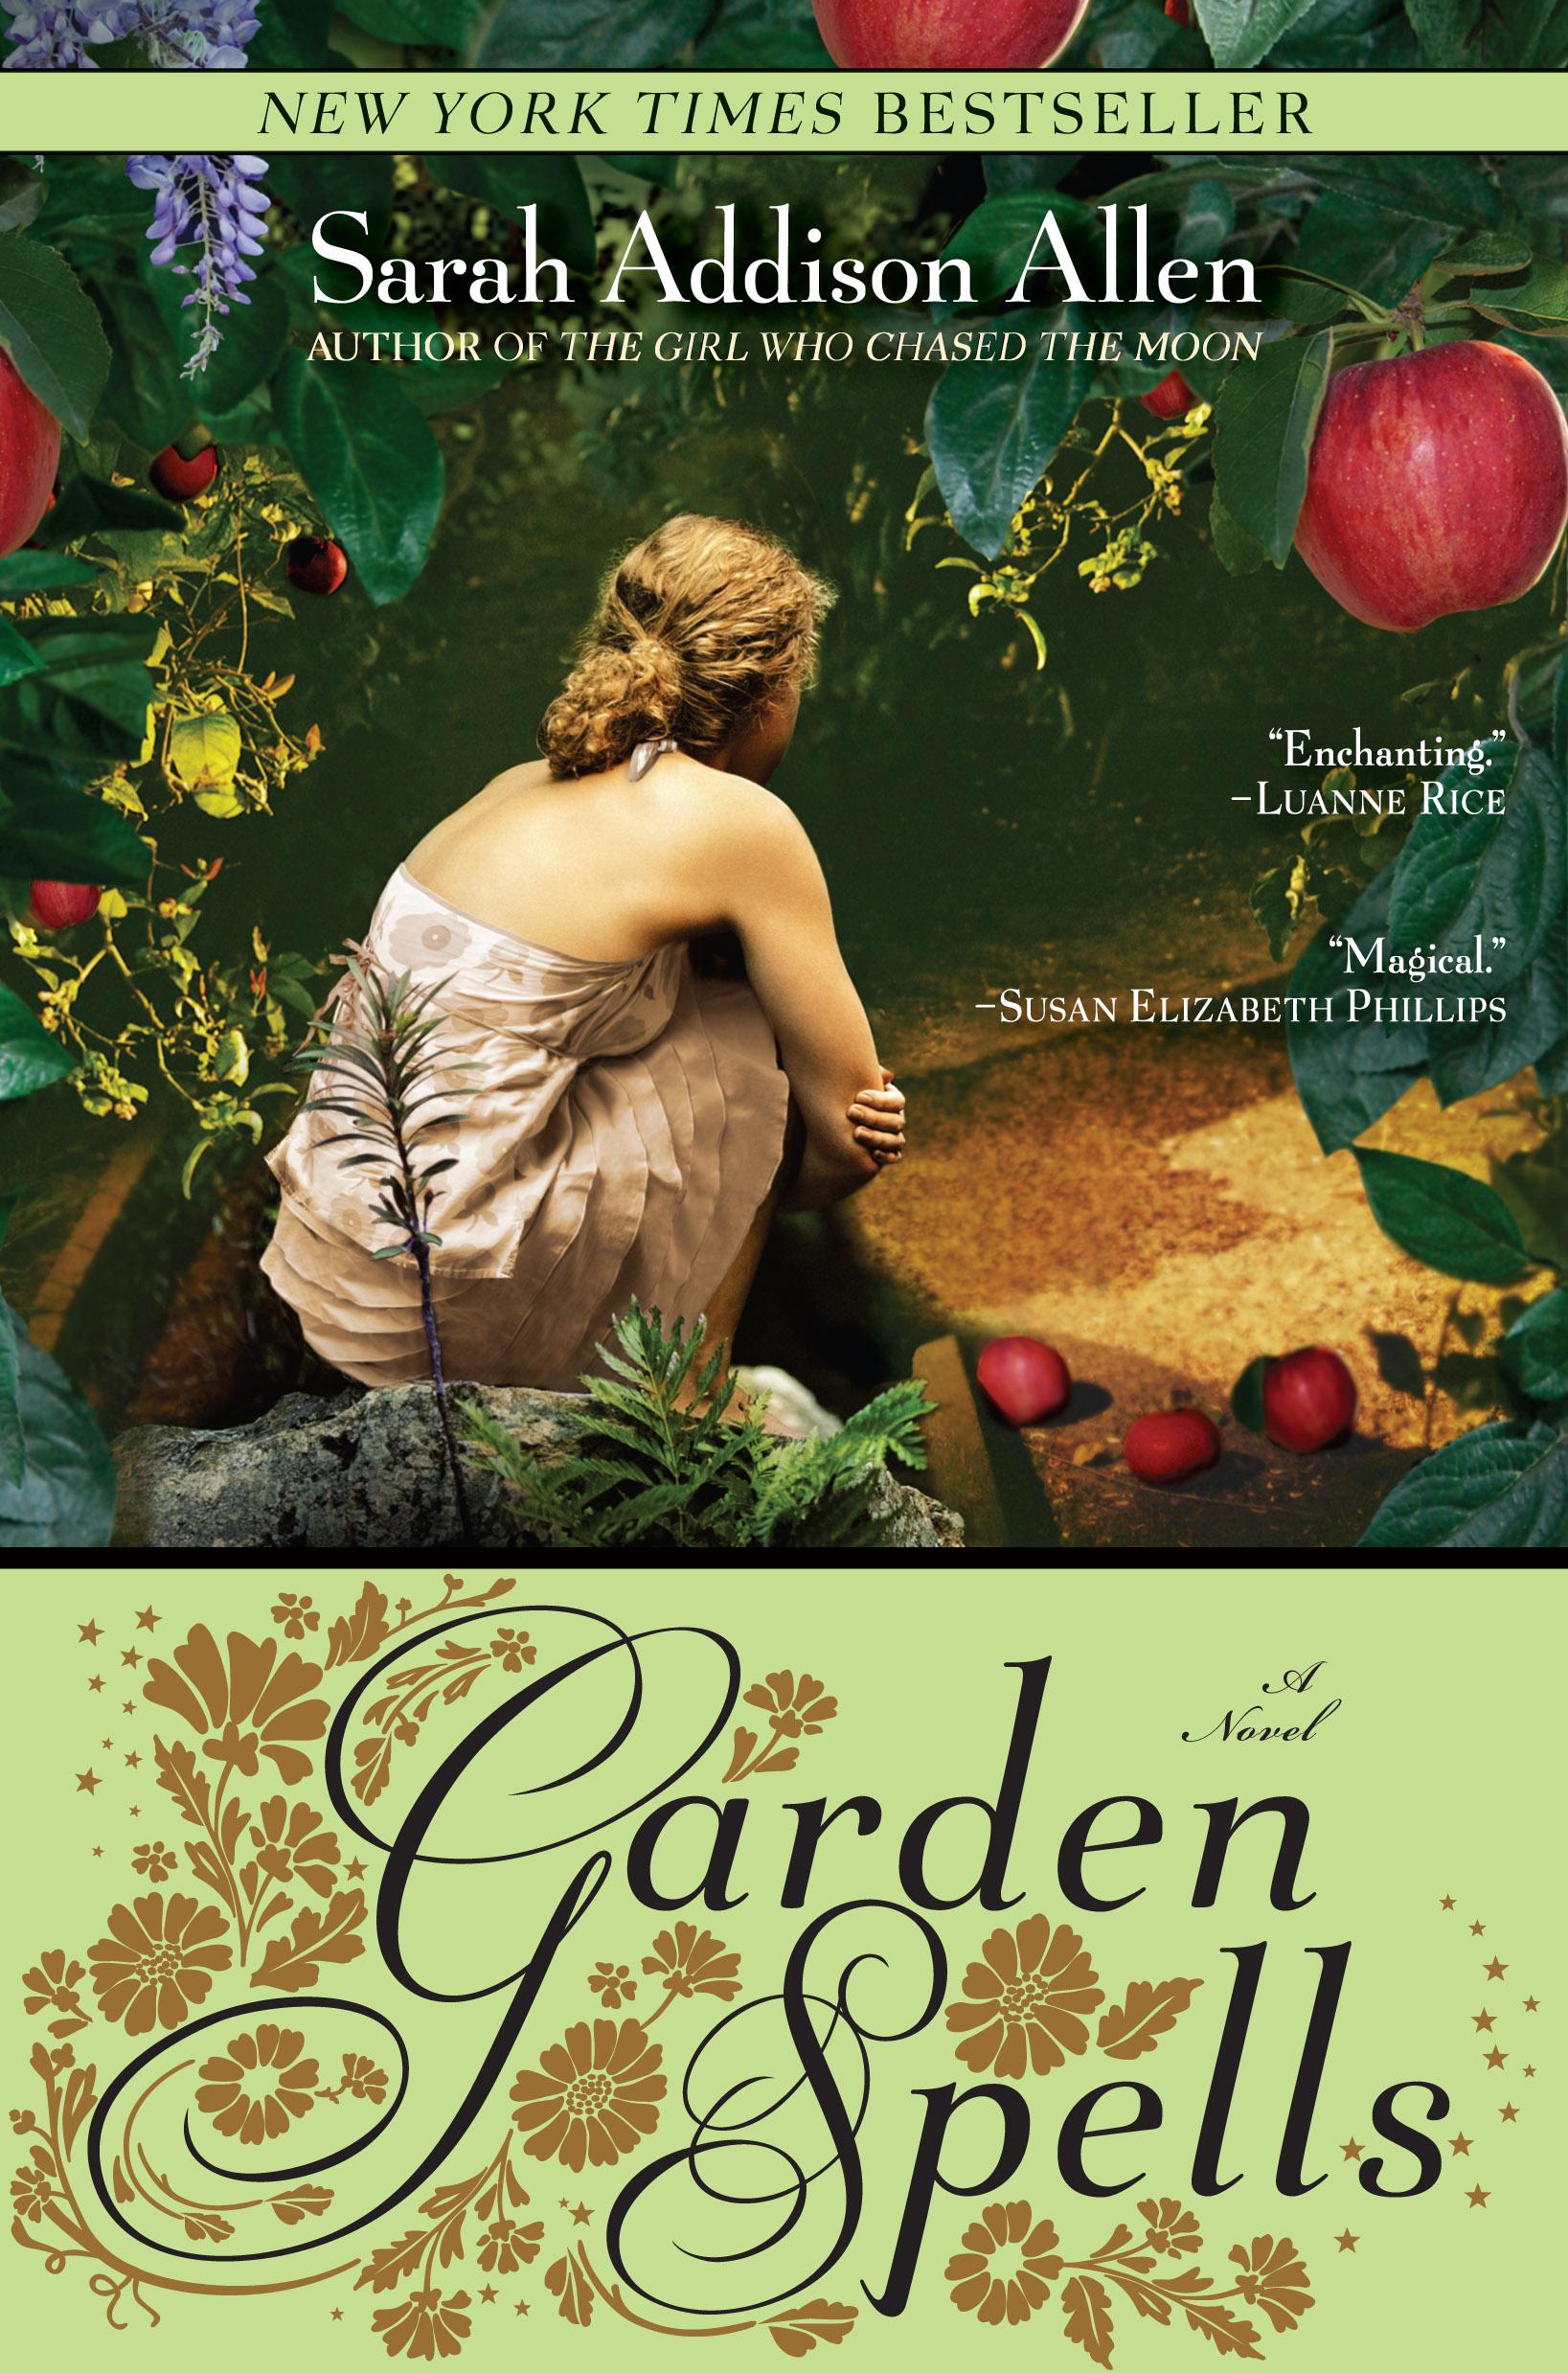 Garden Spells by Sarah Addison Allen  Amazon  |  Goodreads